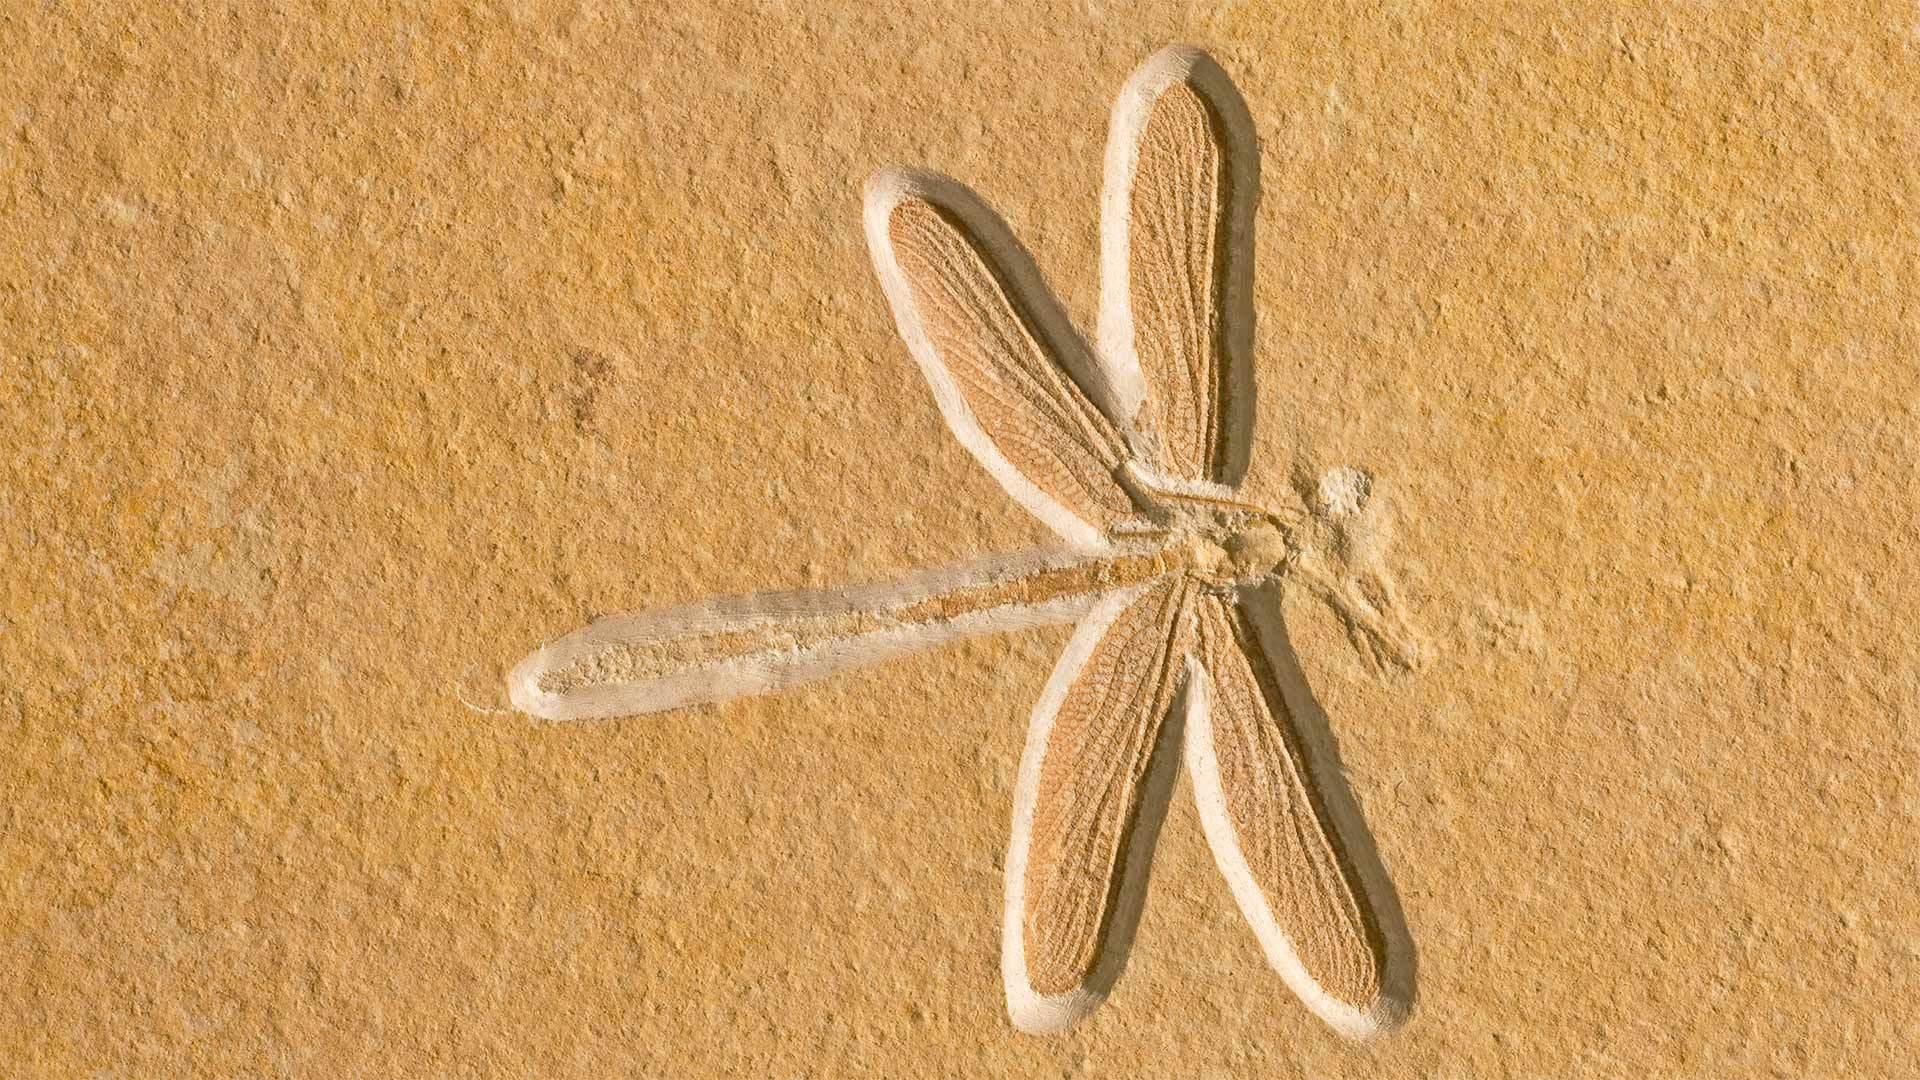 位于索尔恩霍芬的约1.5亿年前的蜻蜓化石蜻蜓化石